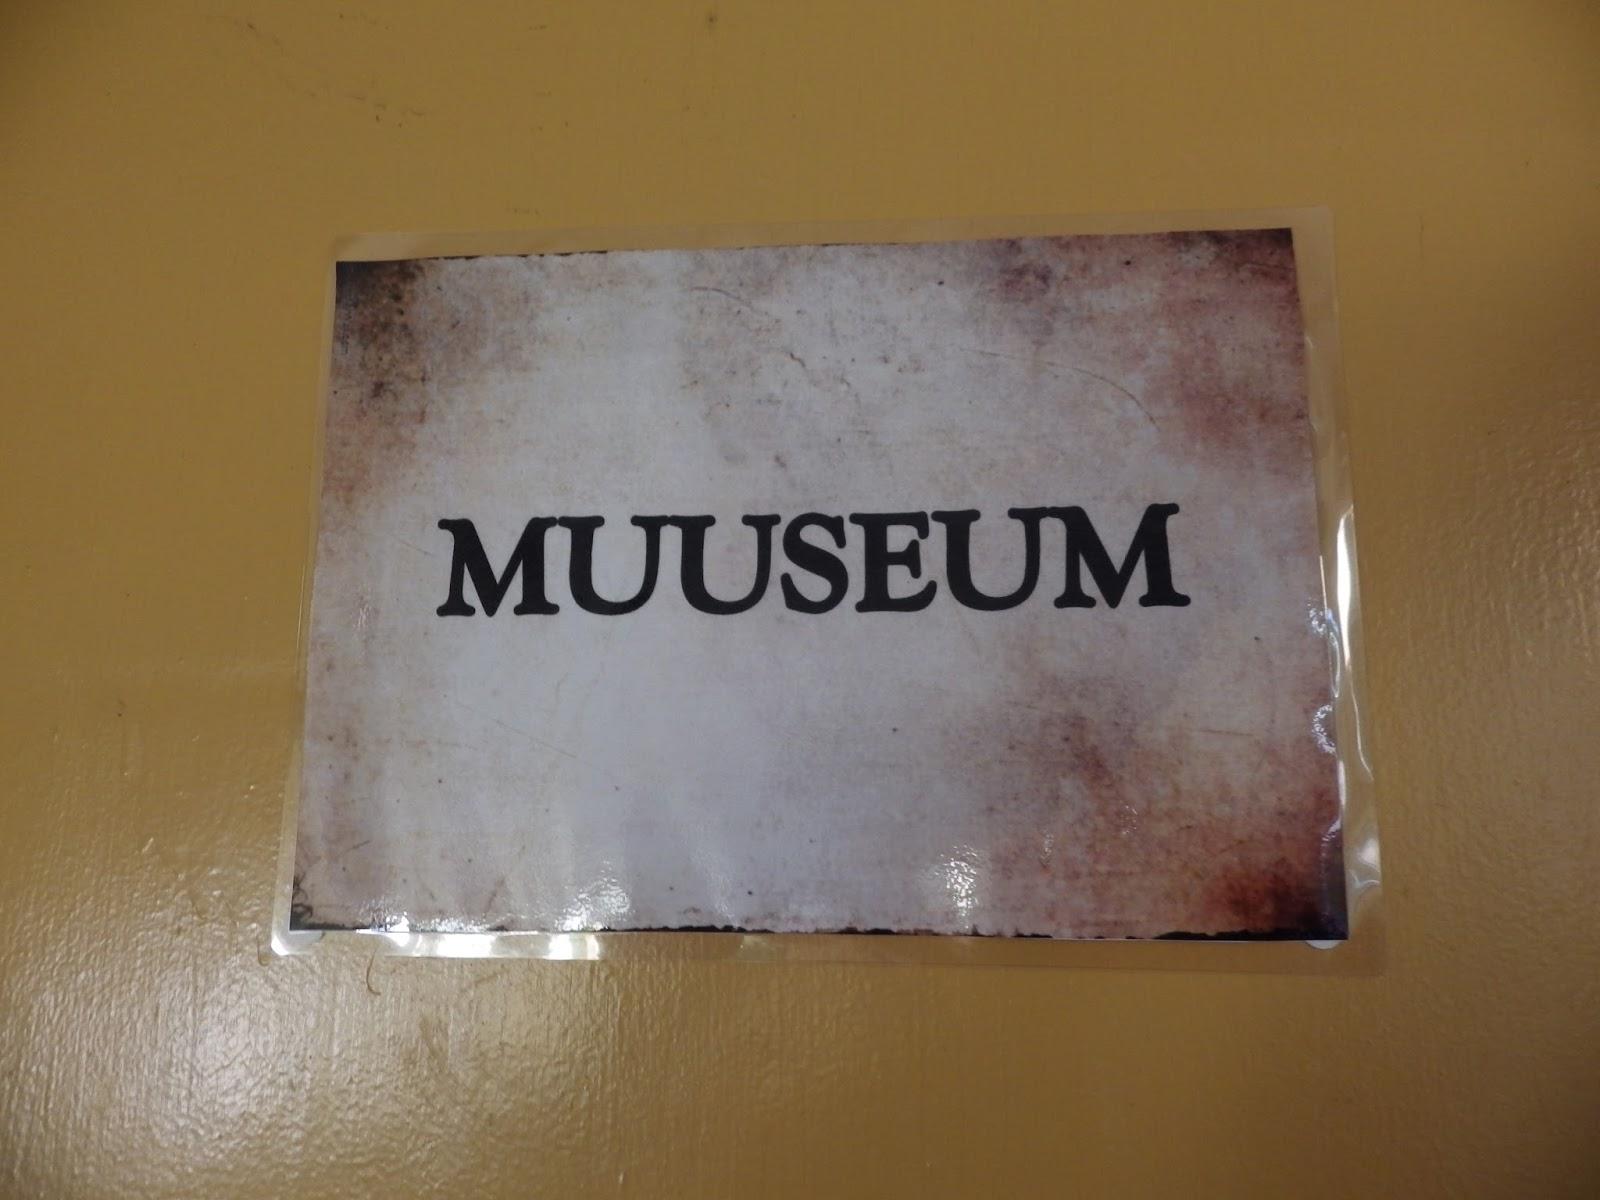 814aba2ce0c Algul arvasin, et ei hakka uksi lahti tegema, seinad alles värvimata,  kardinad puudu ja pooled eksponaadid ka kuskil, aga Lepatriinu leidis, et  teeme ikka ...